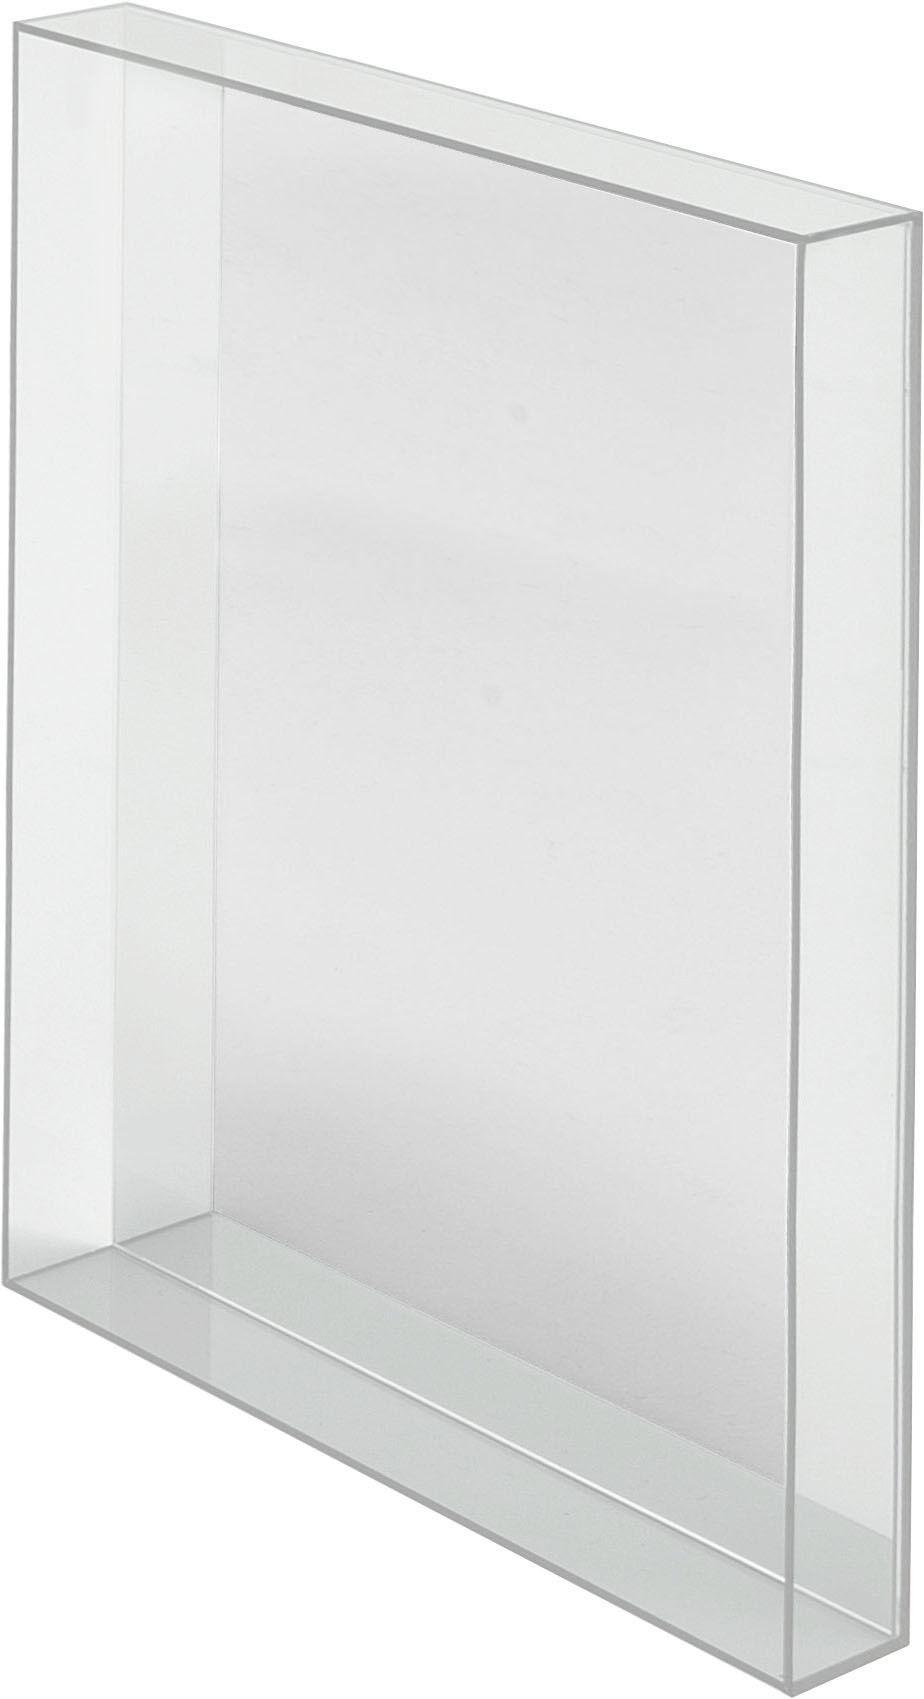 only me kartell spiegel. Black Bedroom Furniture Sets. Home Design Ideas